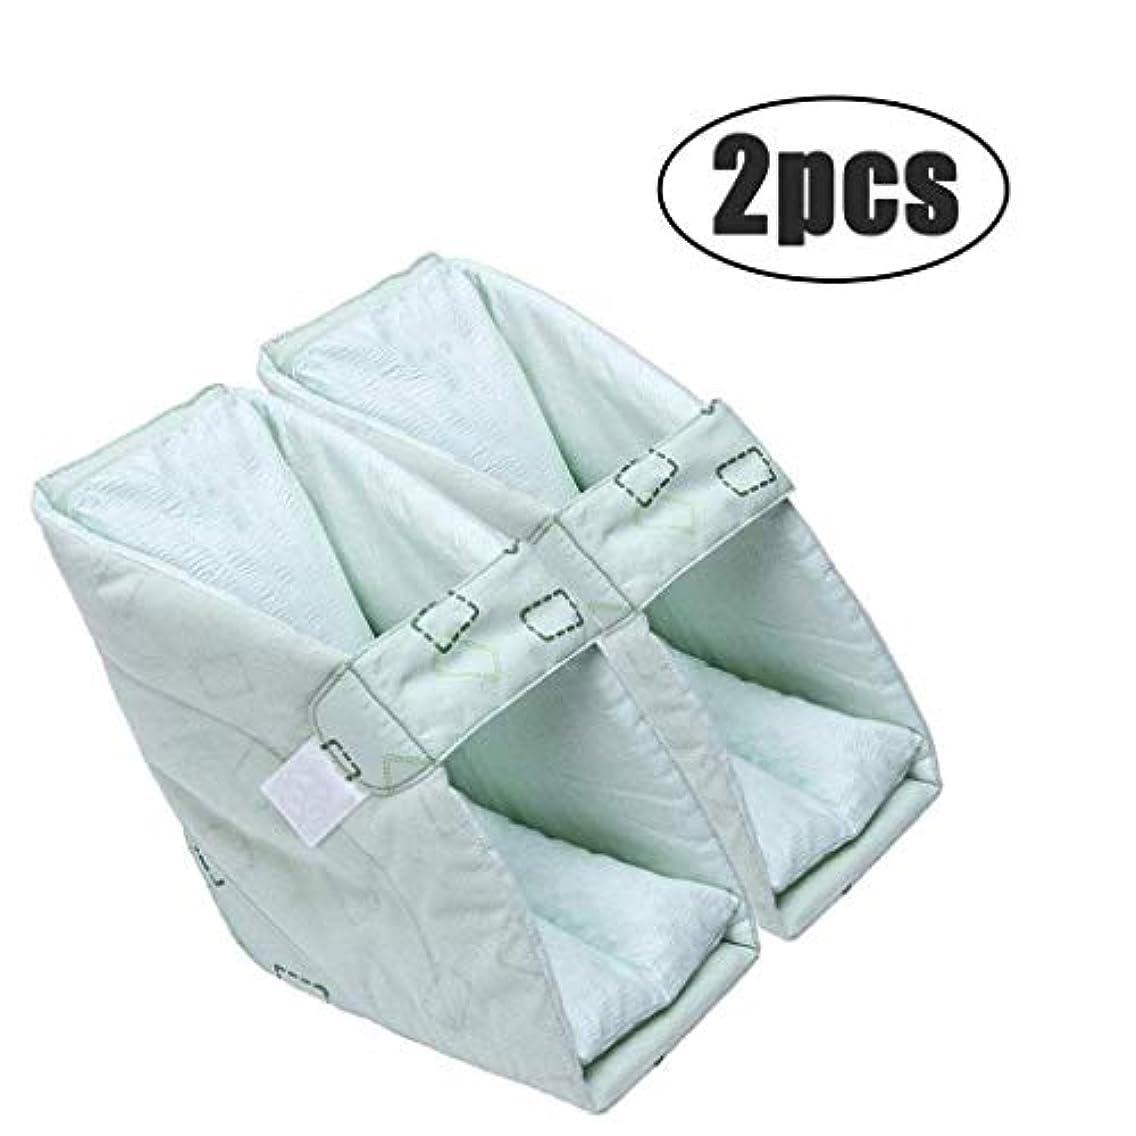 世辞細断増強TONGSH 足の枕、かかとのプロテクター、かかとのクッション、かかとの保護、効果的なPressure瘡およびかかとの潰瘍の救済、腫れた足に最適、快適なかかとの保護の足の枕 (Size : 2pcs)